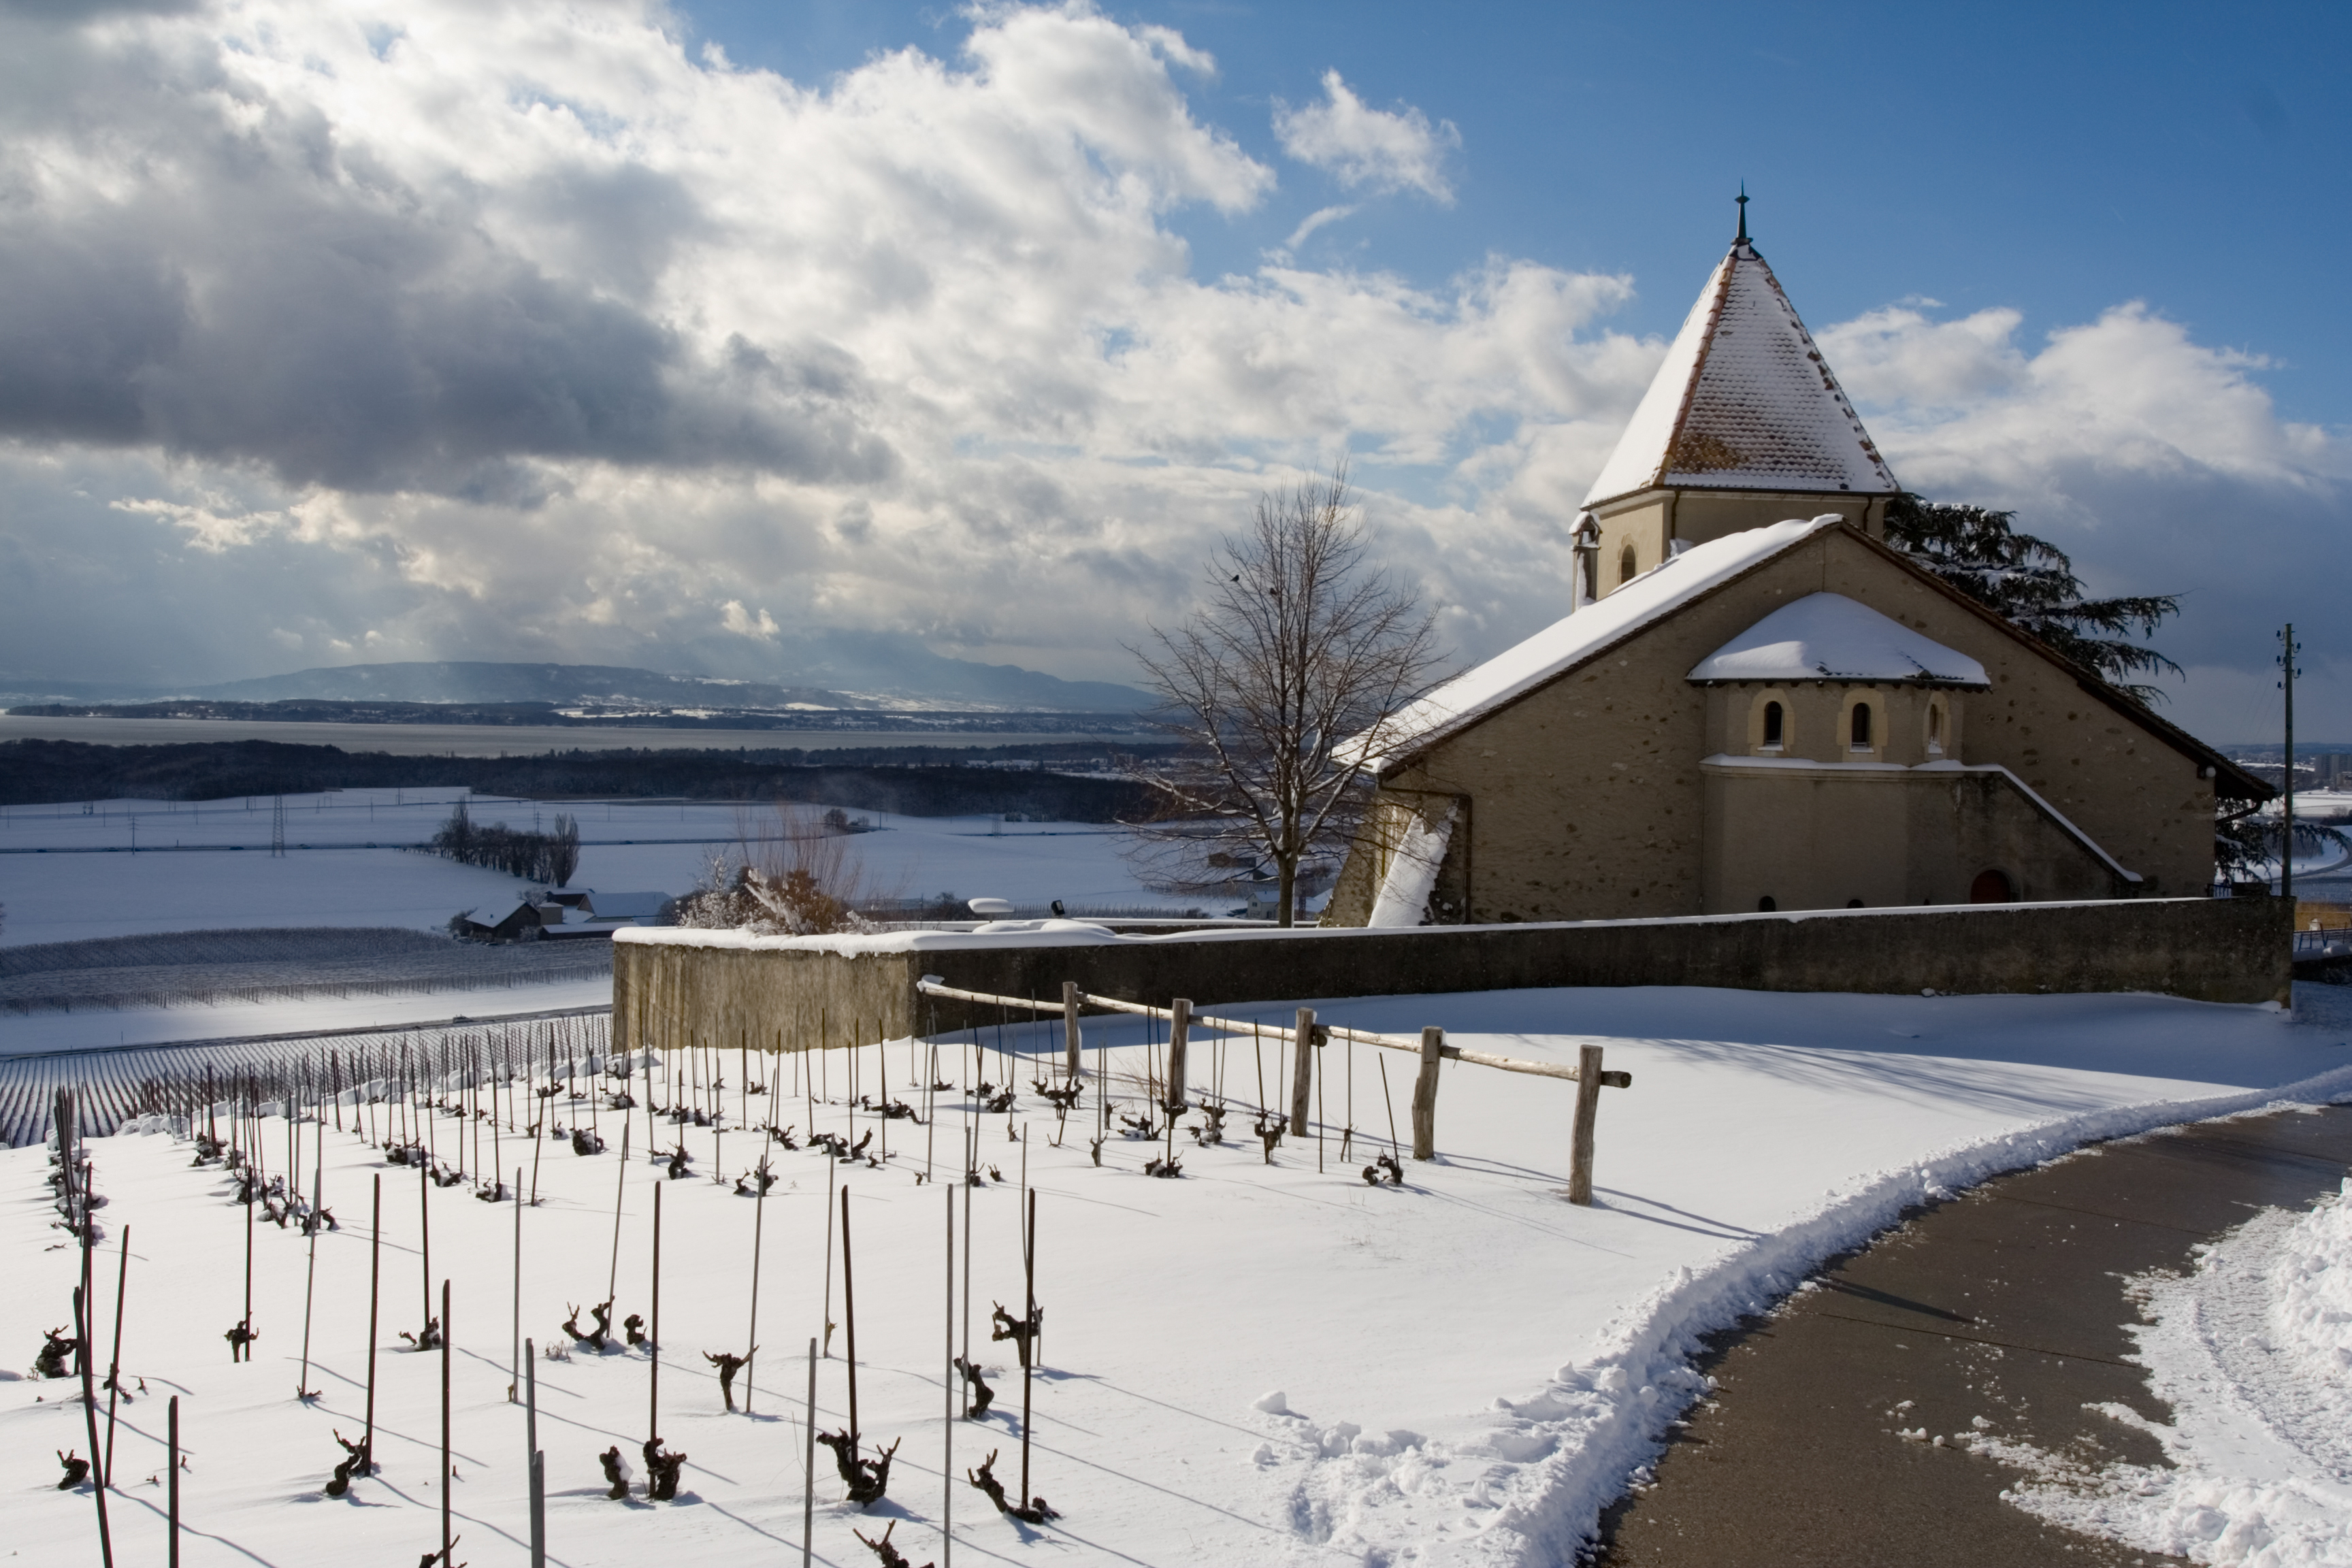 L'église de Luins en hiver. © Andrew Schiewe